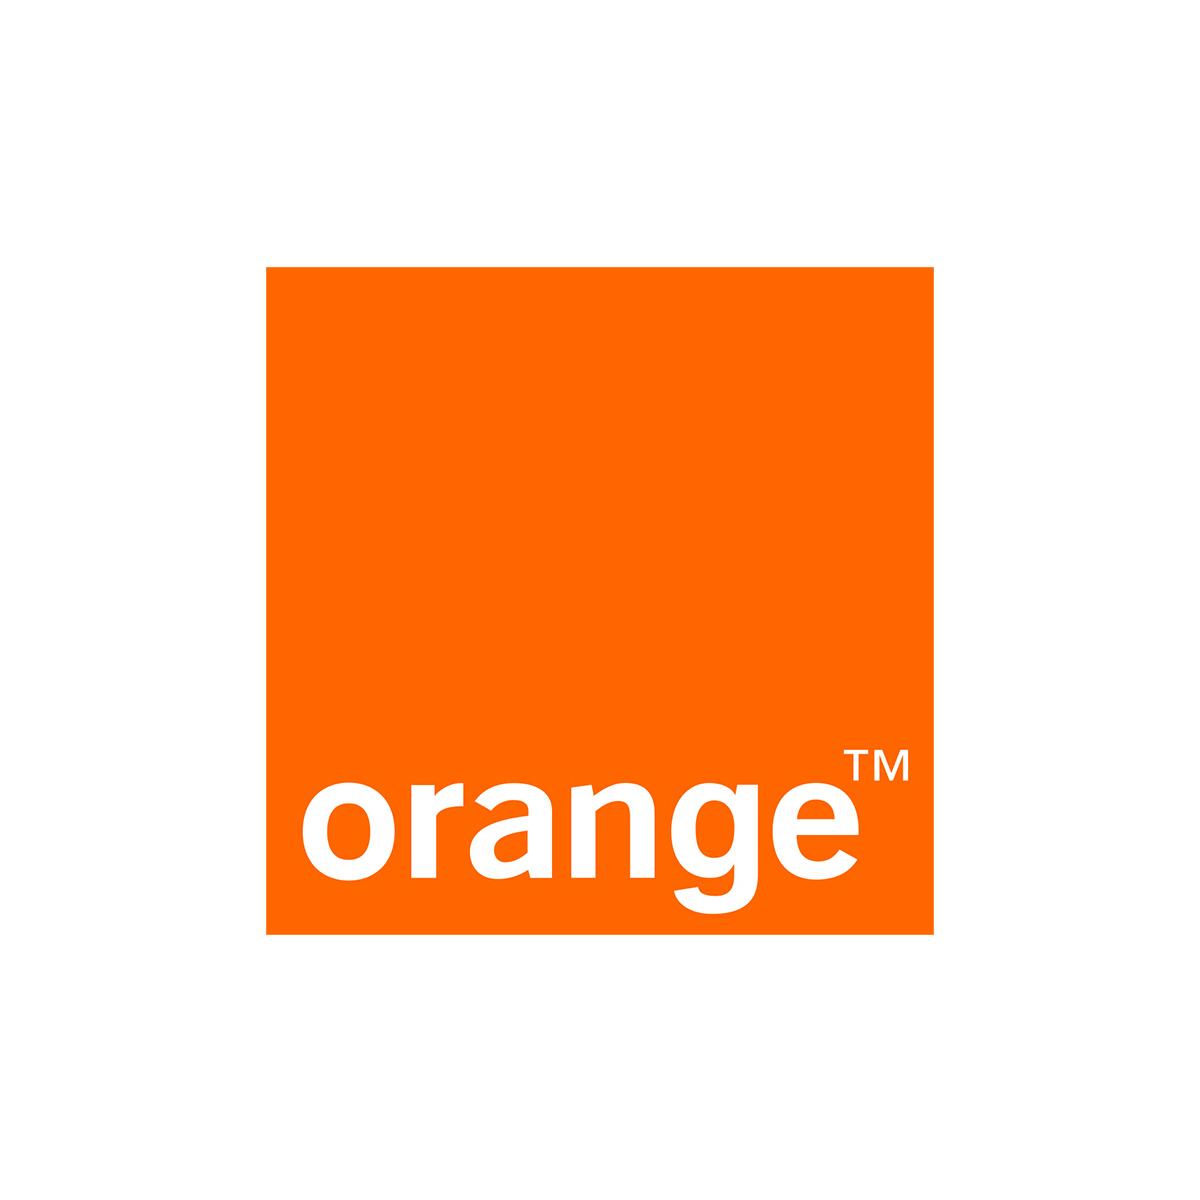 orange_logo_02